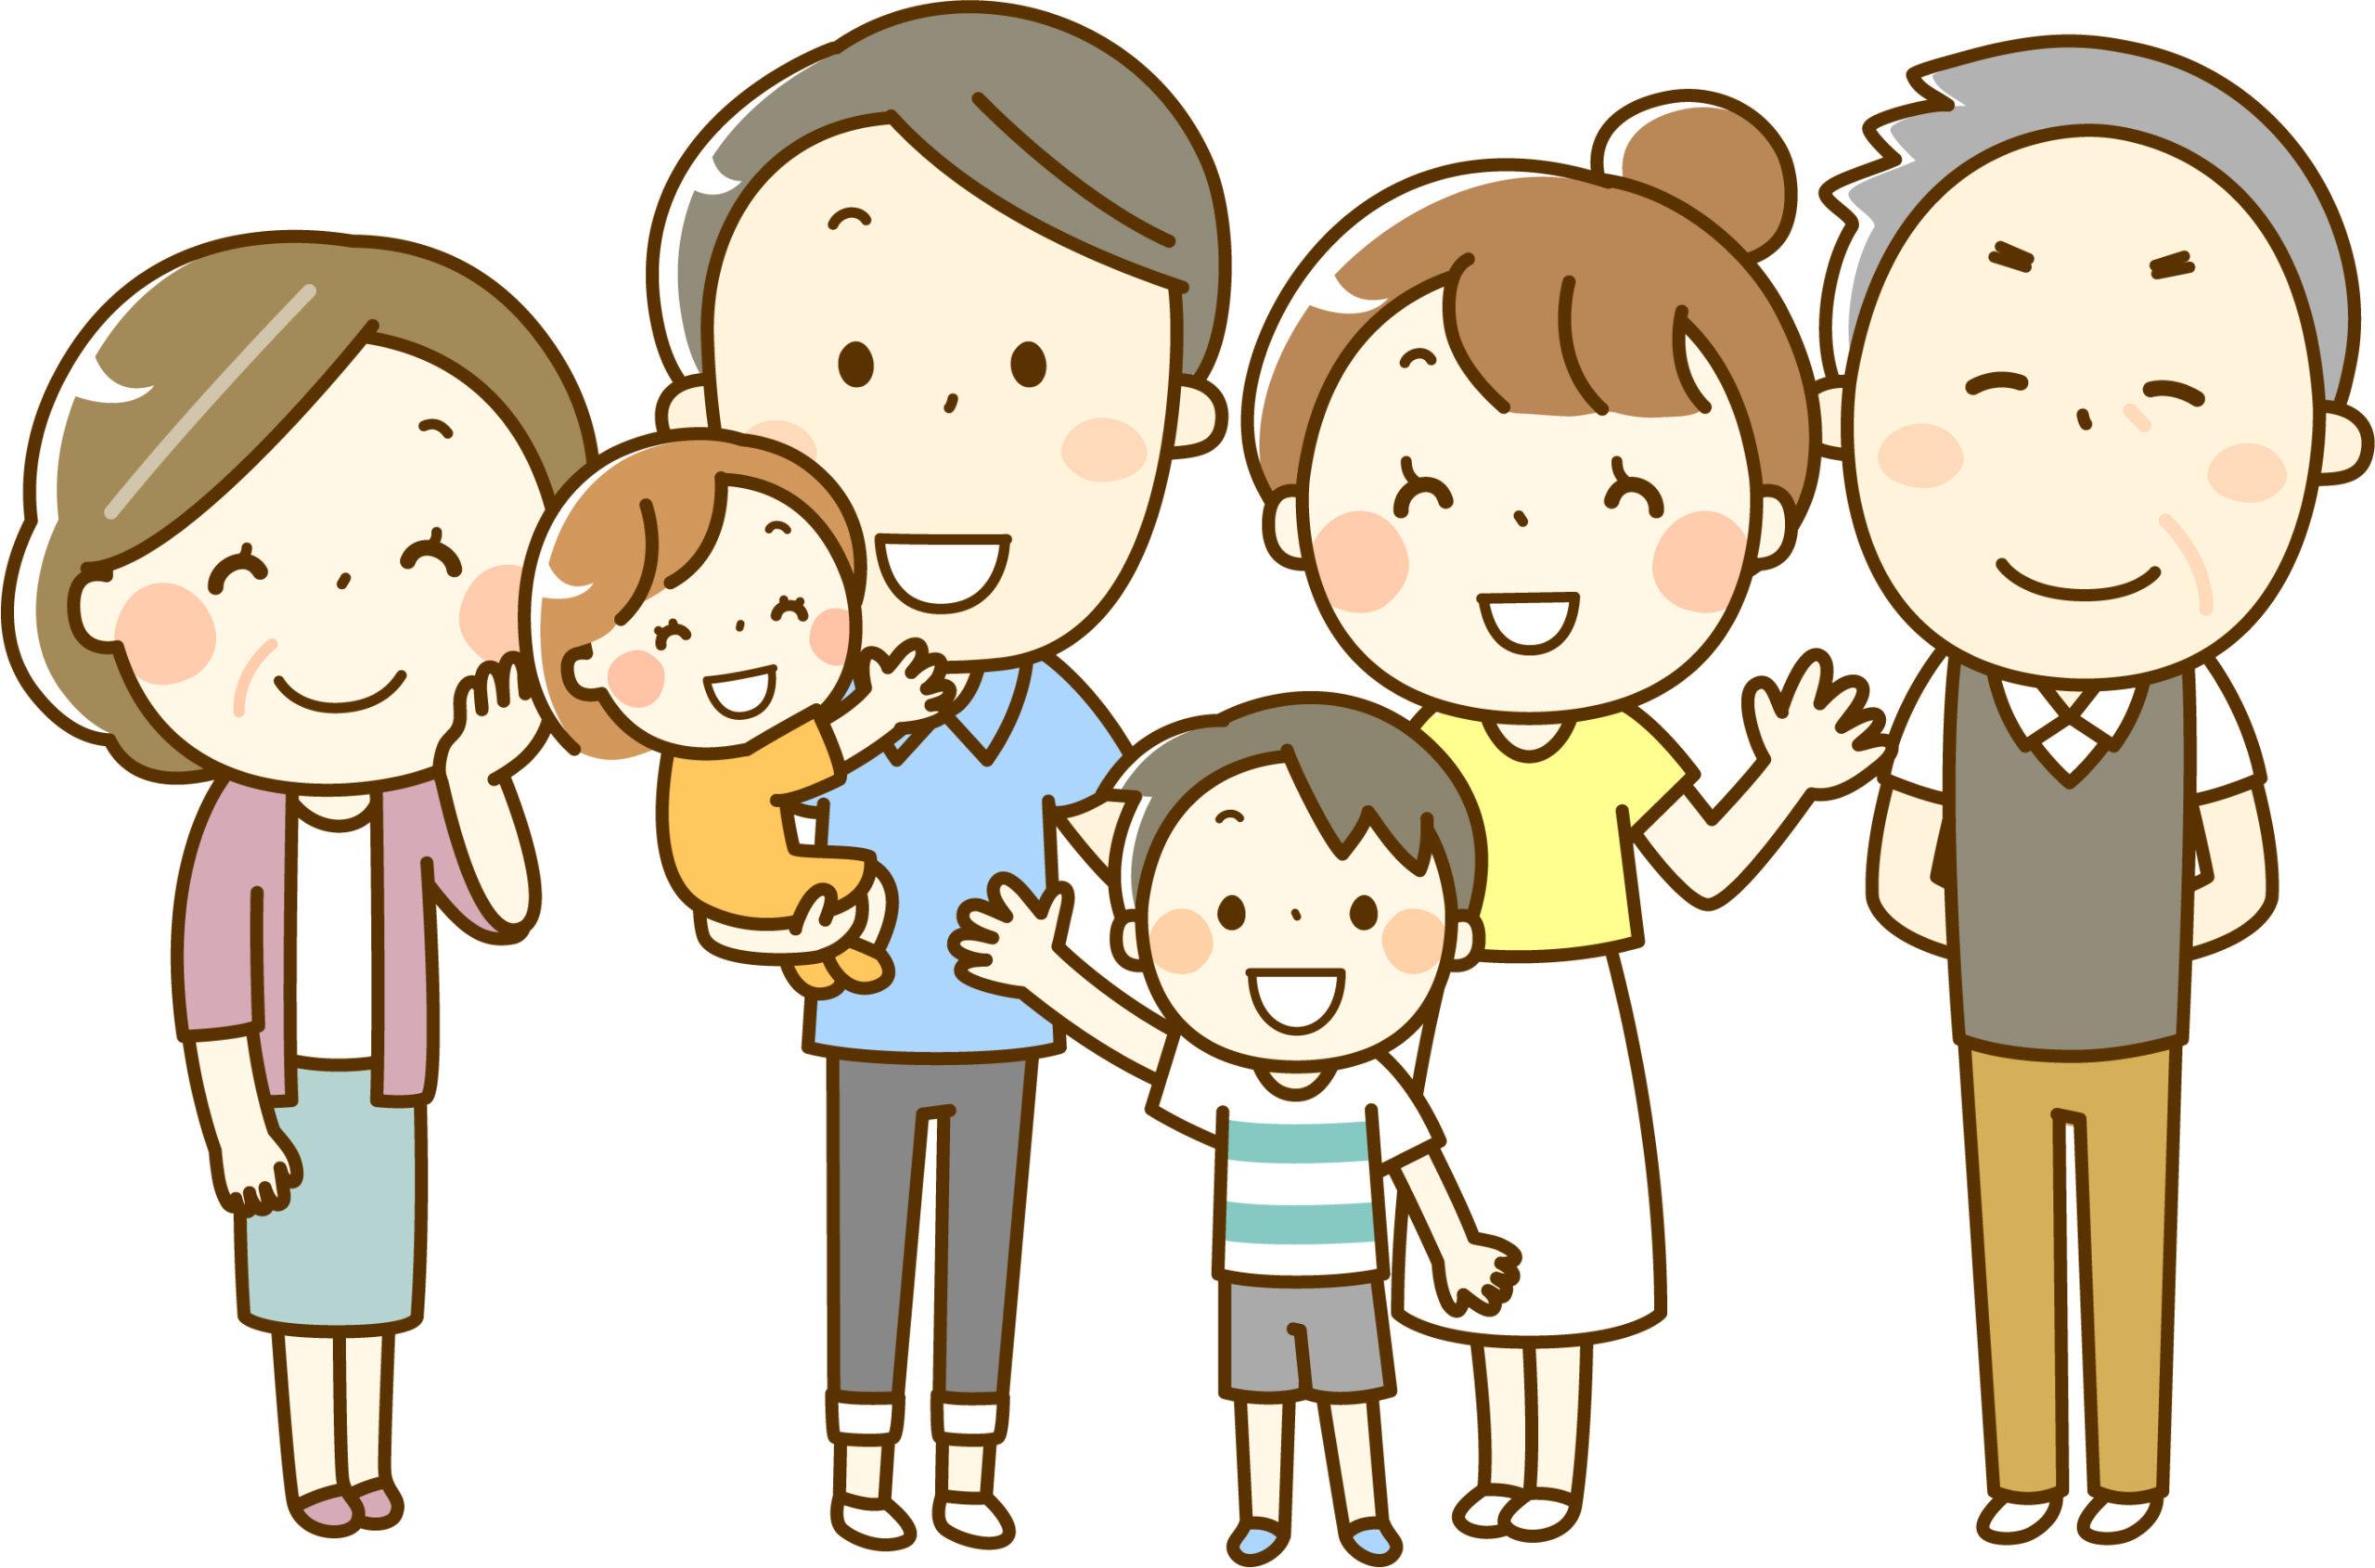 アドラー心理学の子育て | パパのためのハッピーアドラーライフ